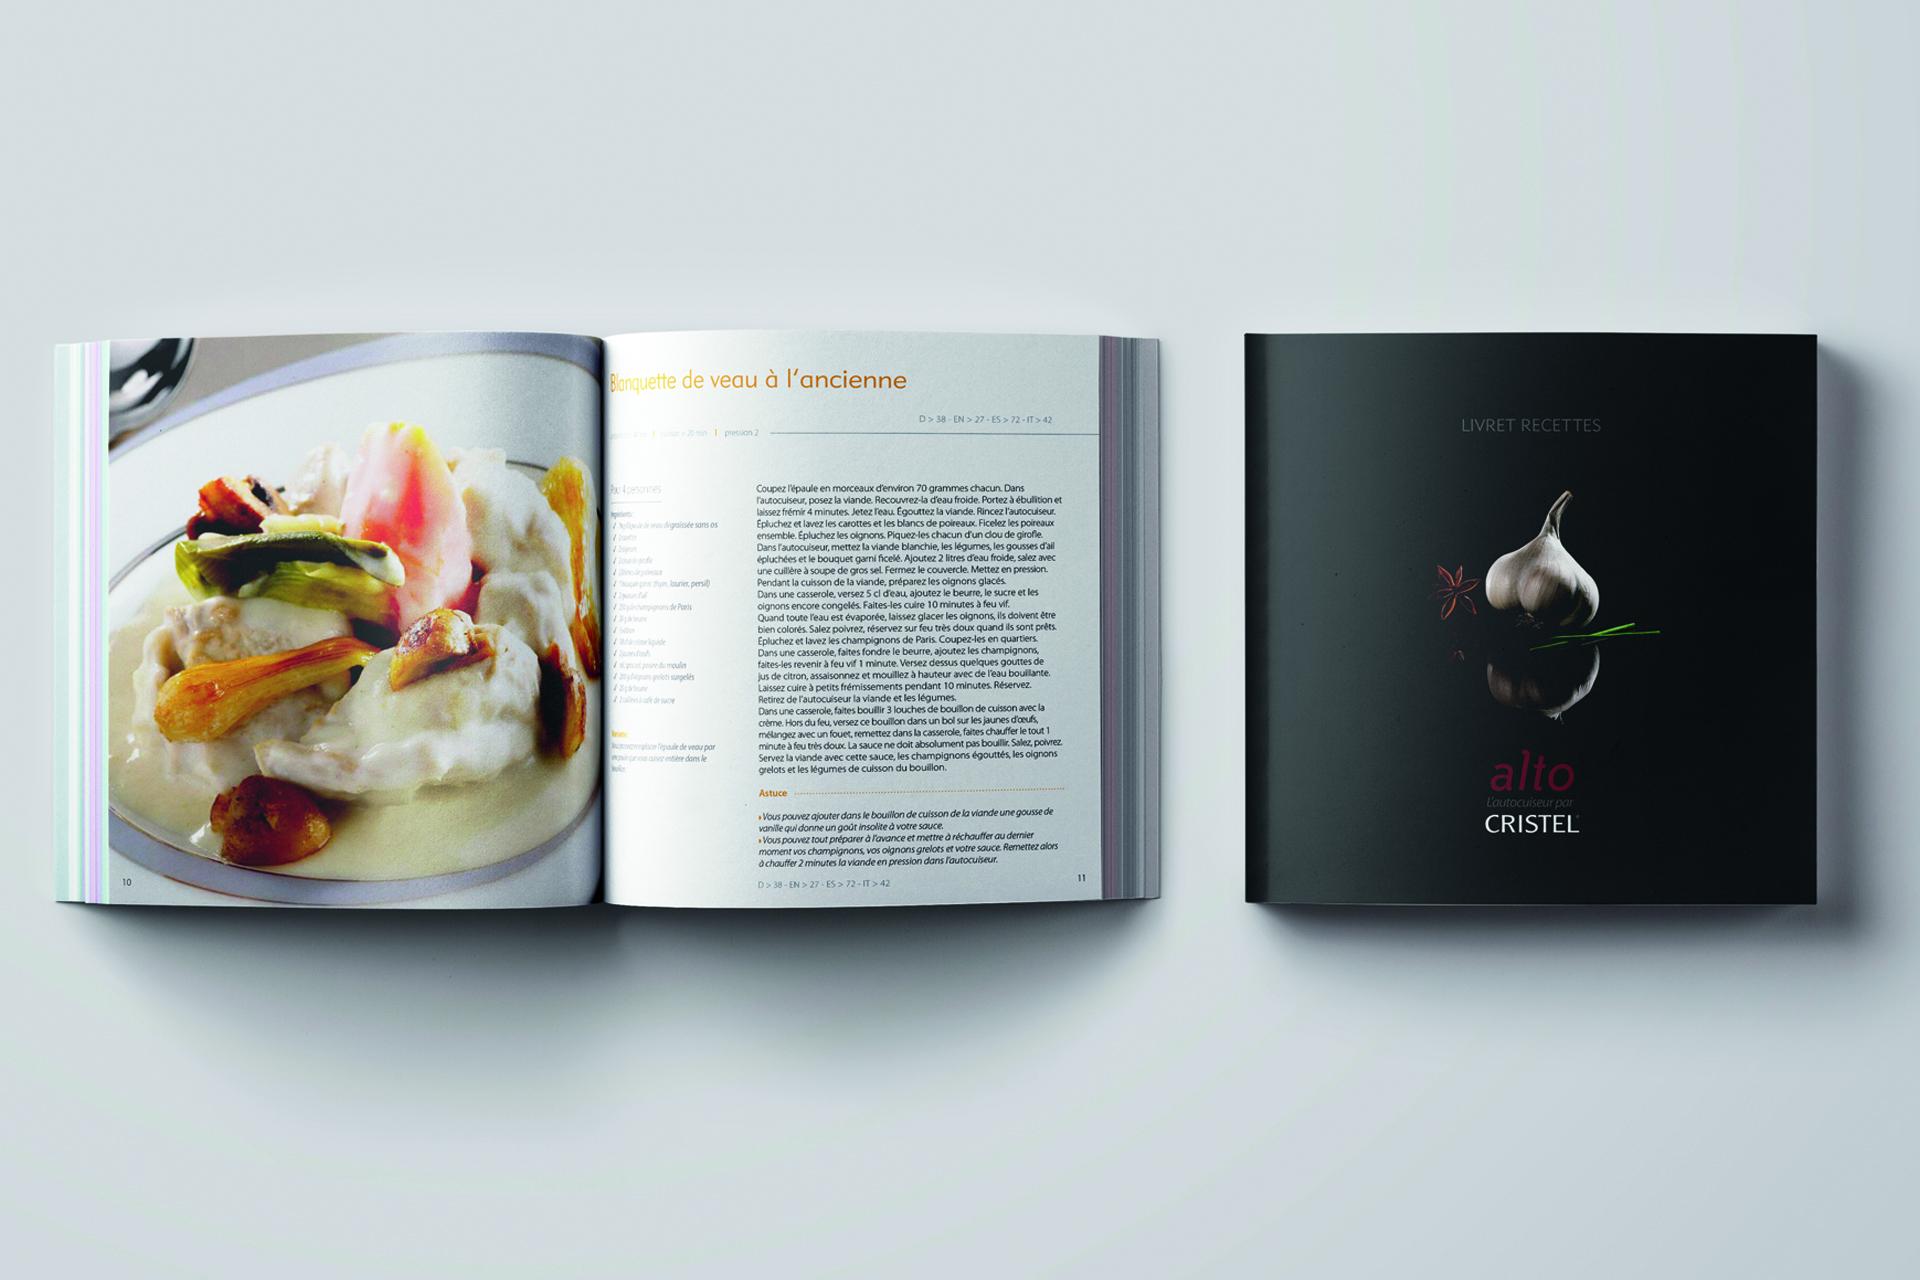 Cristel, le livre de recettes